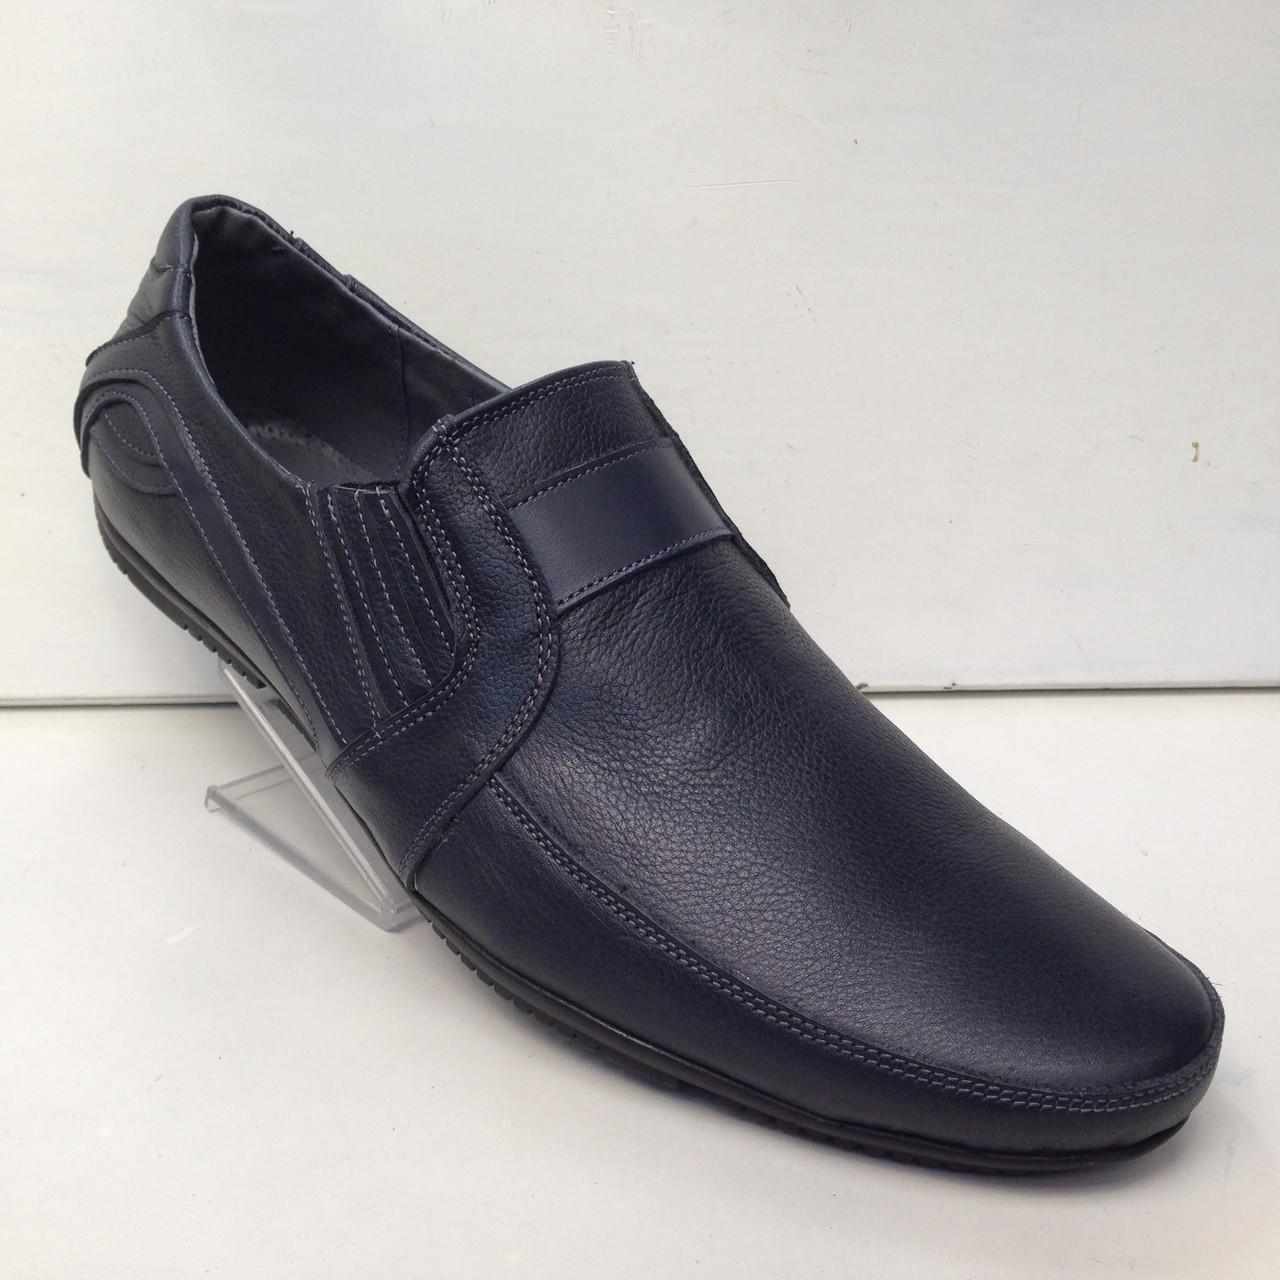 Мужские кожаные туфли цвет синий (большого размера) 46, 47, р.